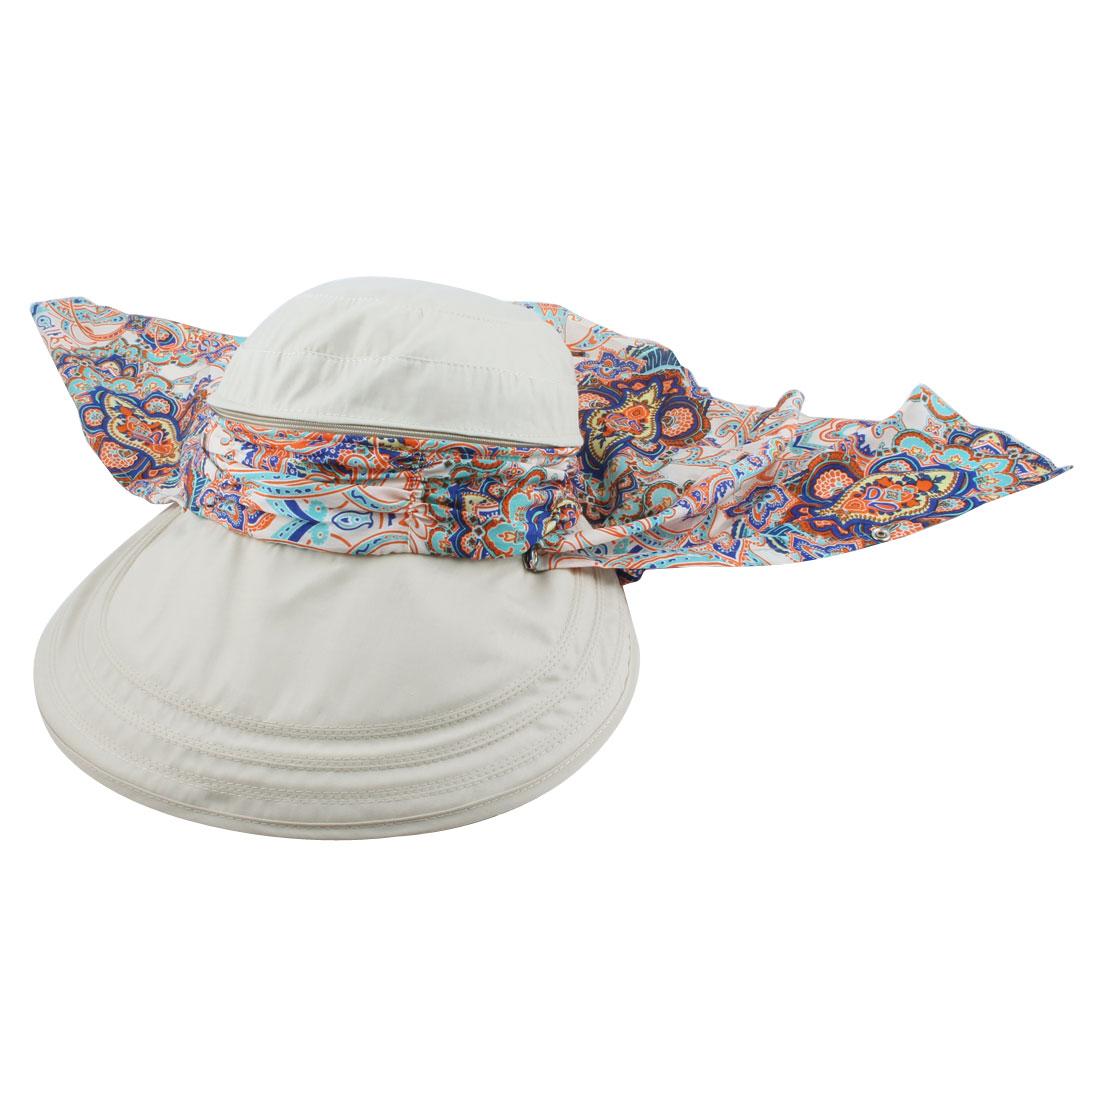 Ladies Women Outdoor Cotton Blends Adjustable Floppy Wide Brim Summer Sun Cap Beach Hat Beige